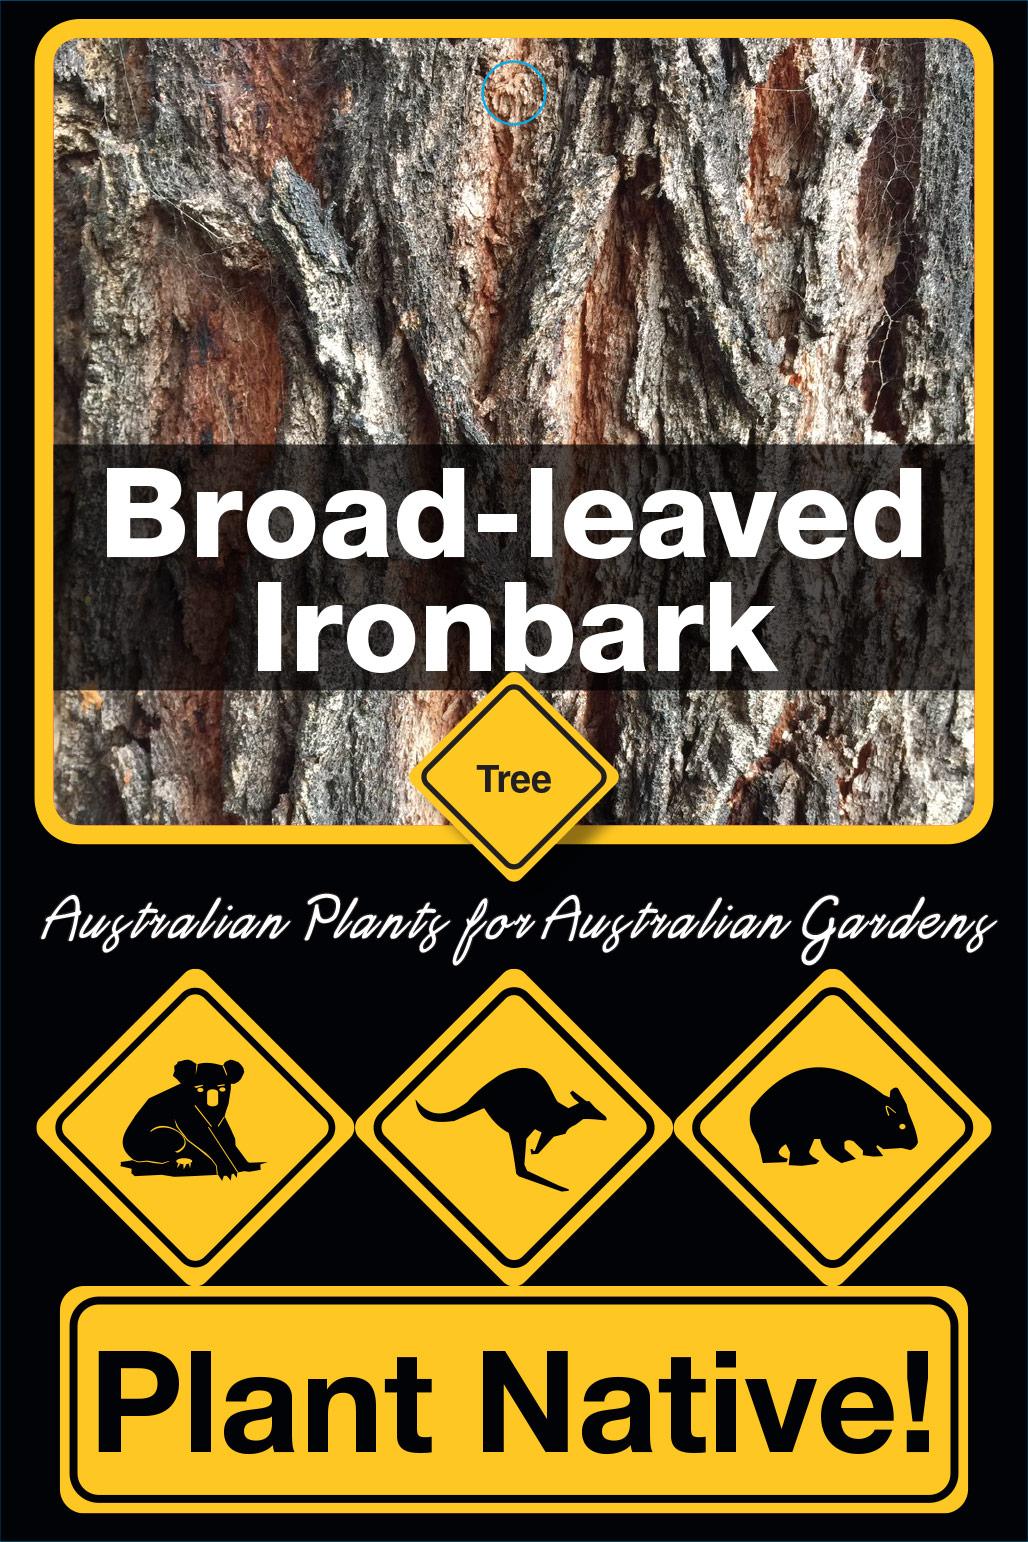 Broad-leaved Ironbark - Plant Native!